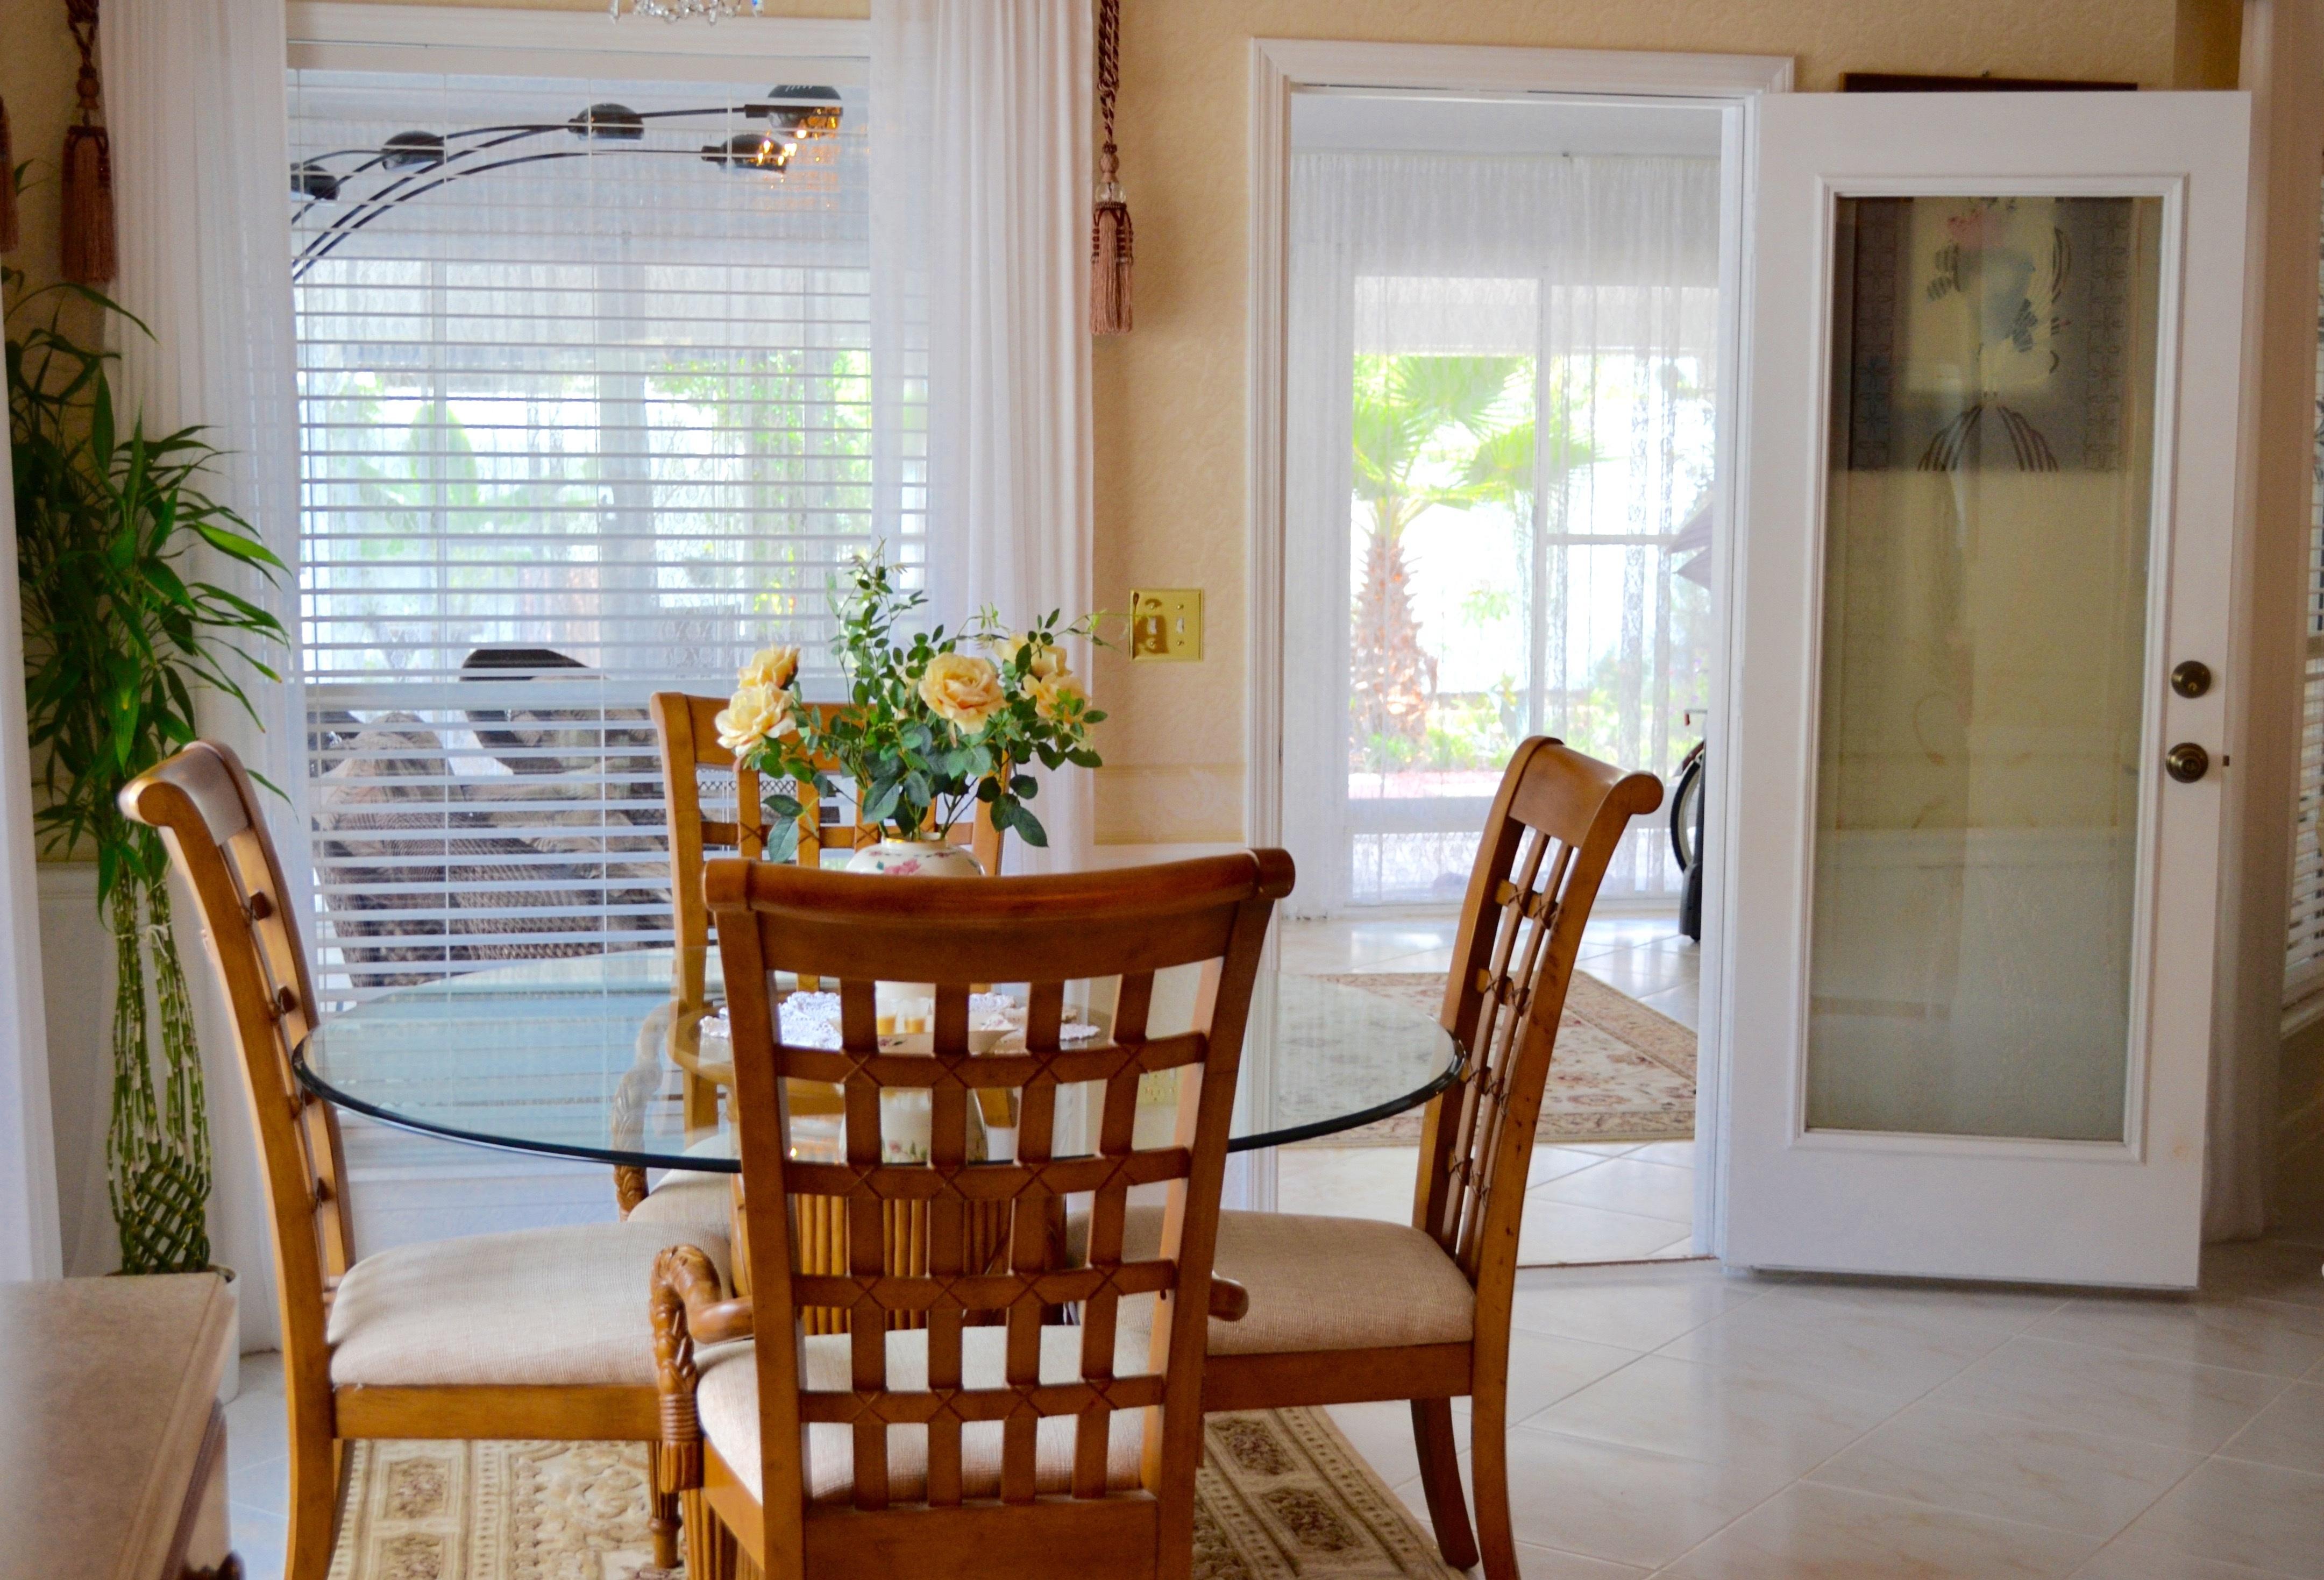 Fotos gratis piso interior porche caba a espacio for Diseno de interiores de casas gratis